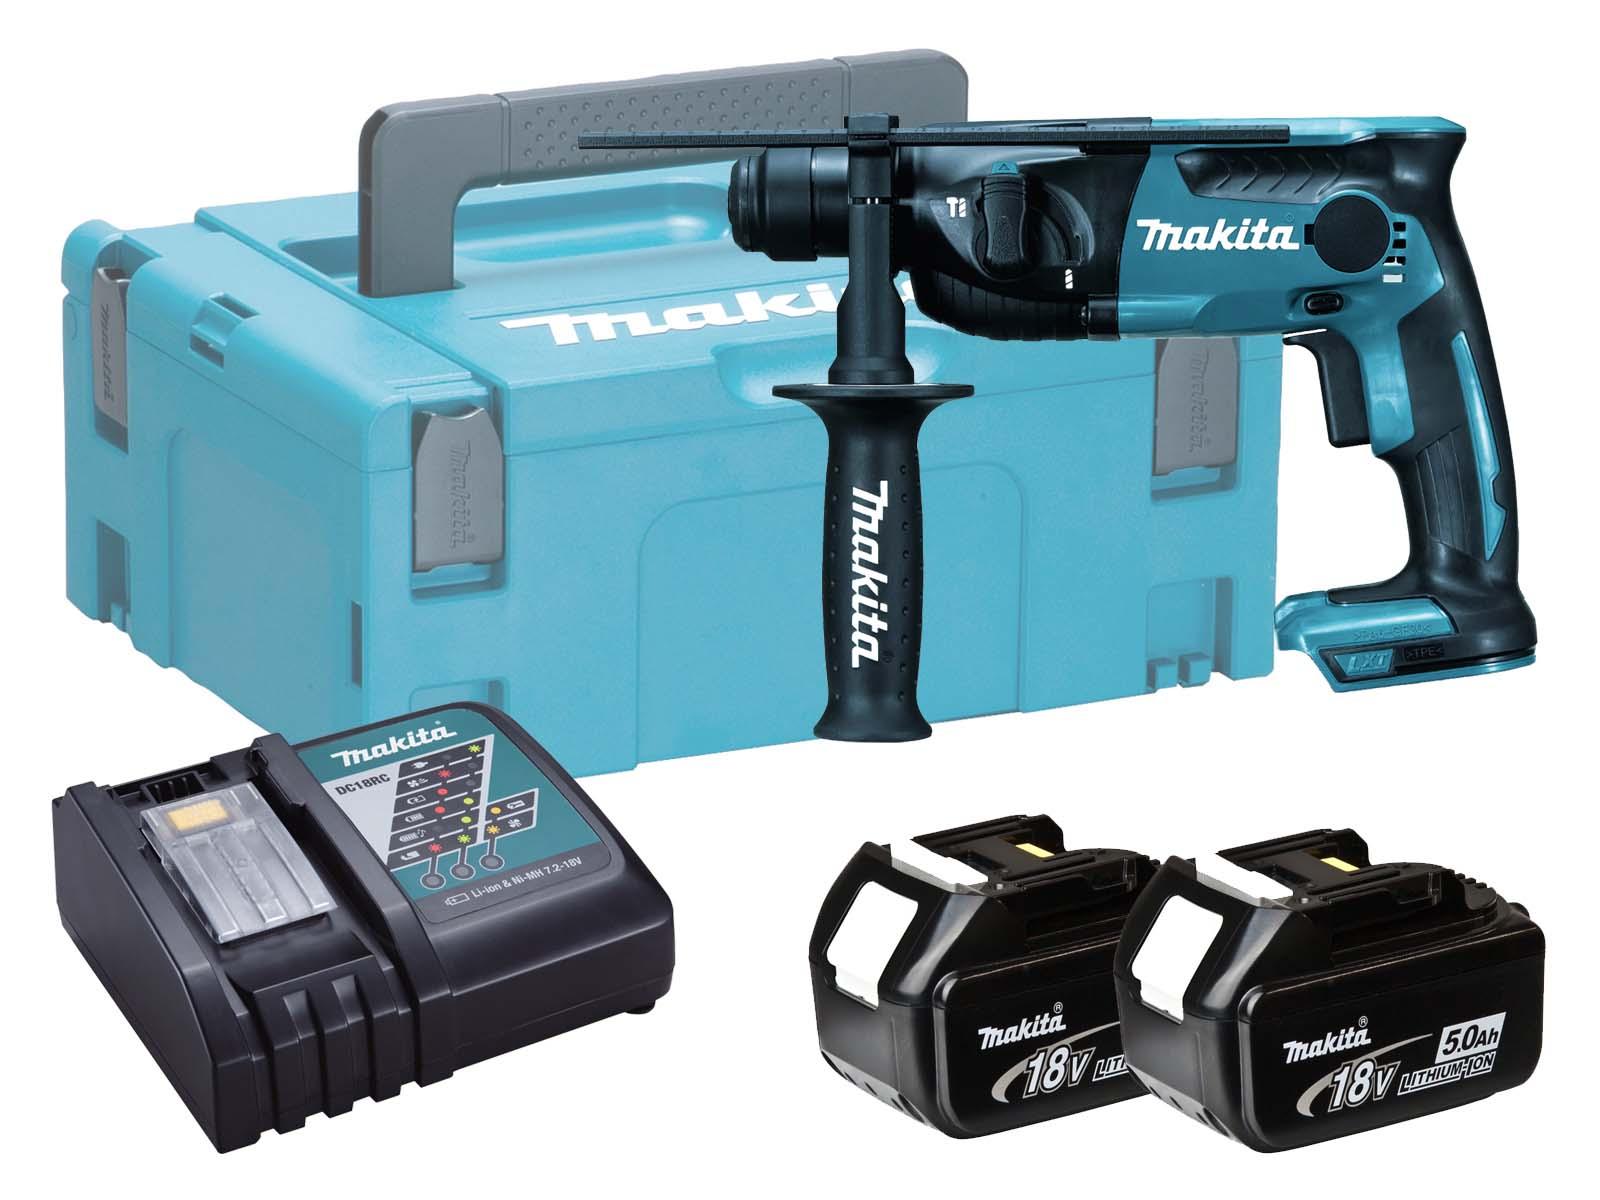 Makita 18V Brushed 2-Mode SDS Hammer Drill - DHR165 - 5.0Ah Pack